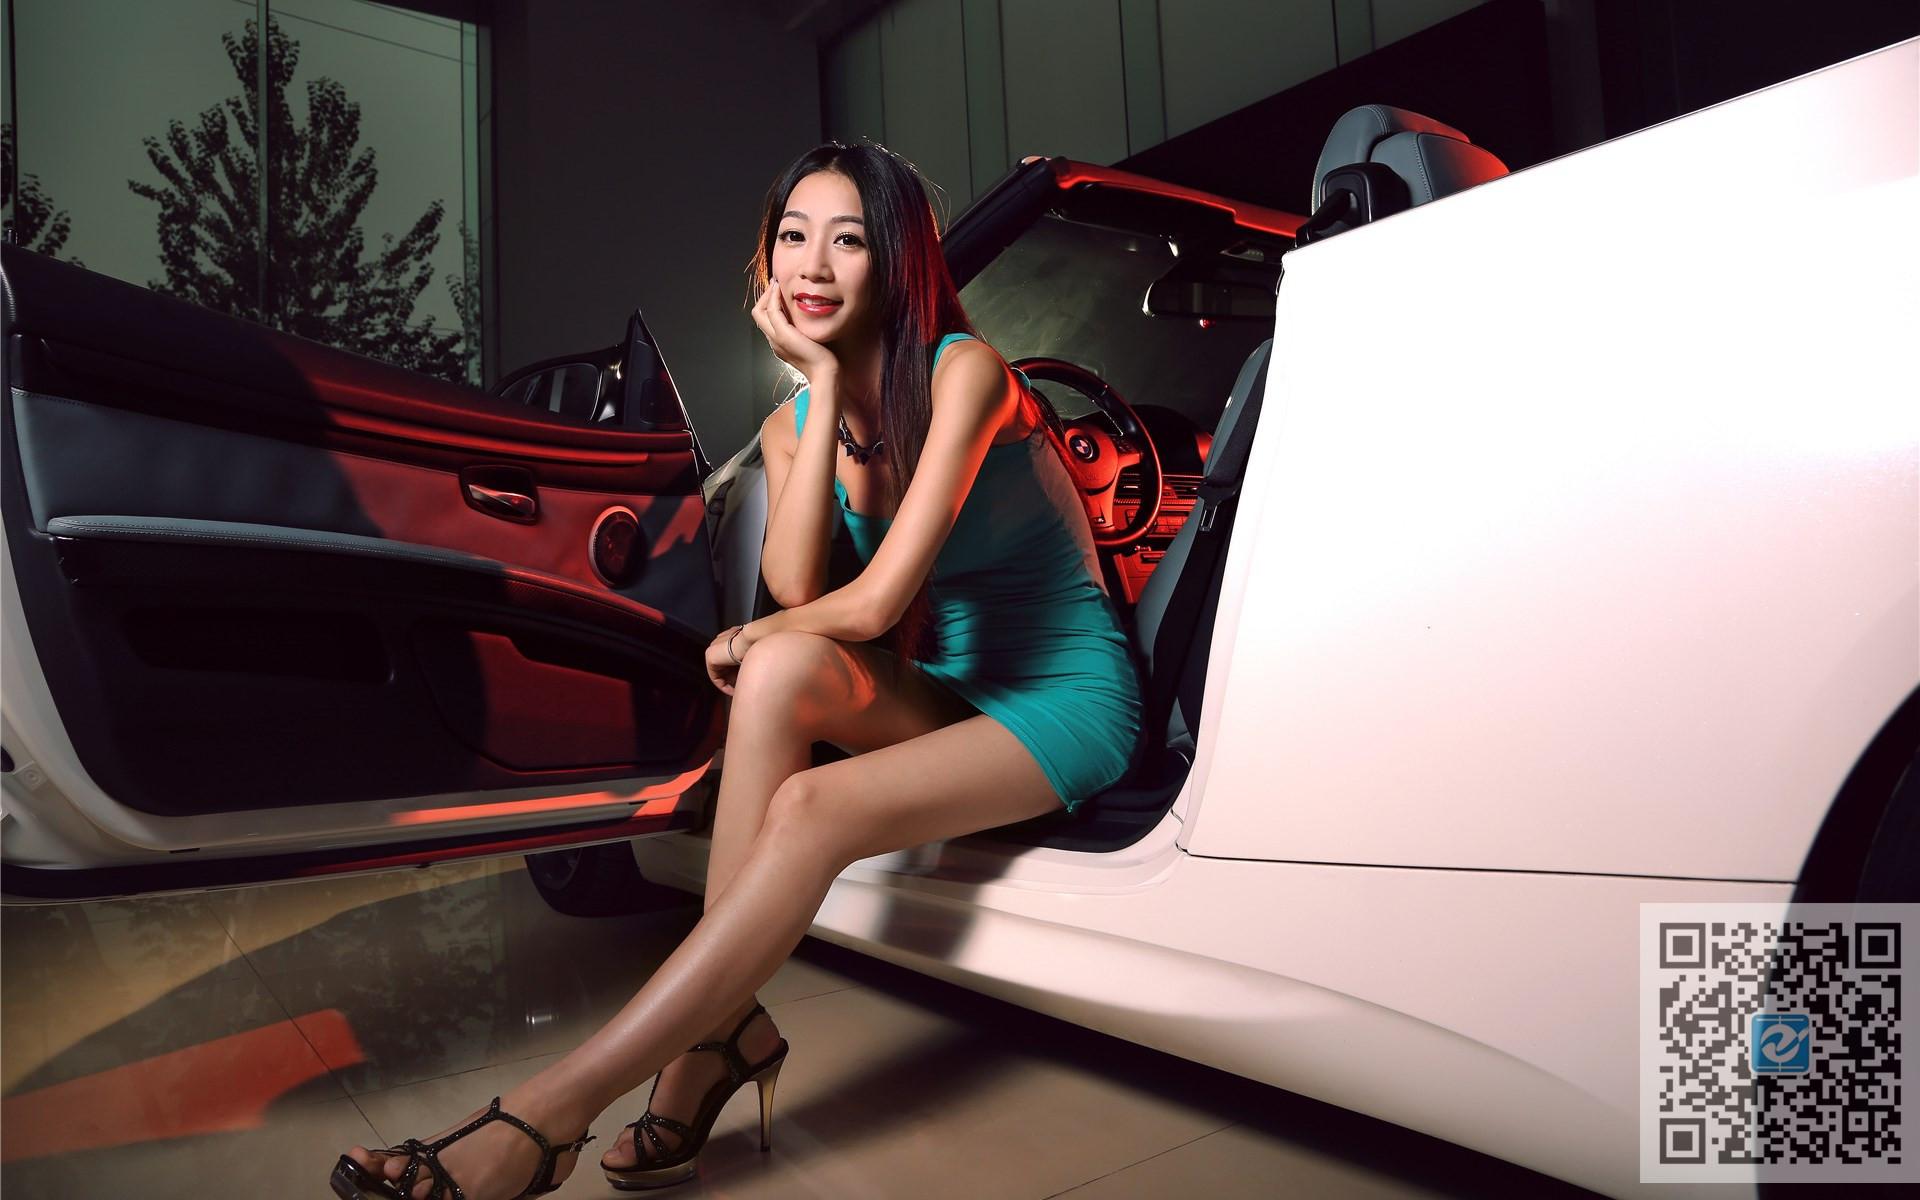 短裙长腿美女车模 白色宝马被征服在脚下